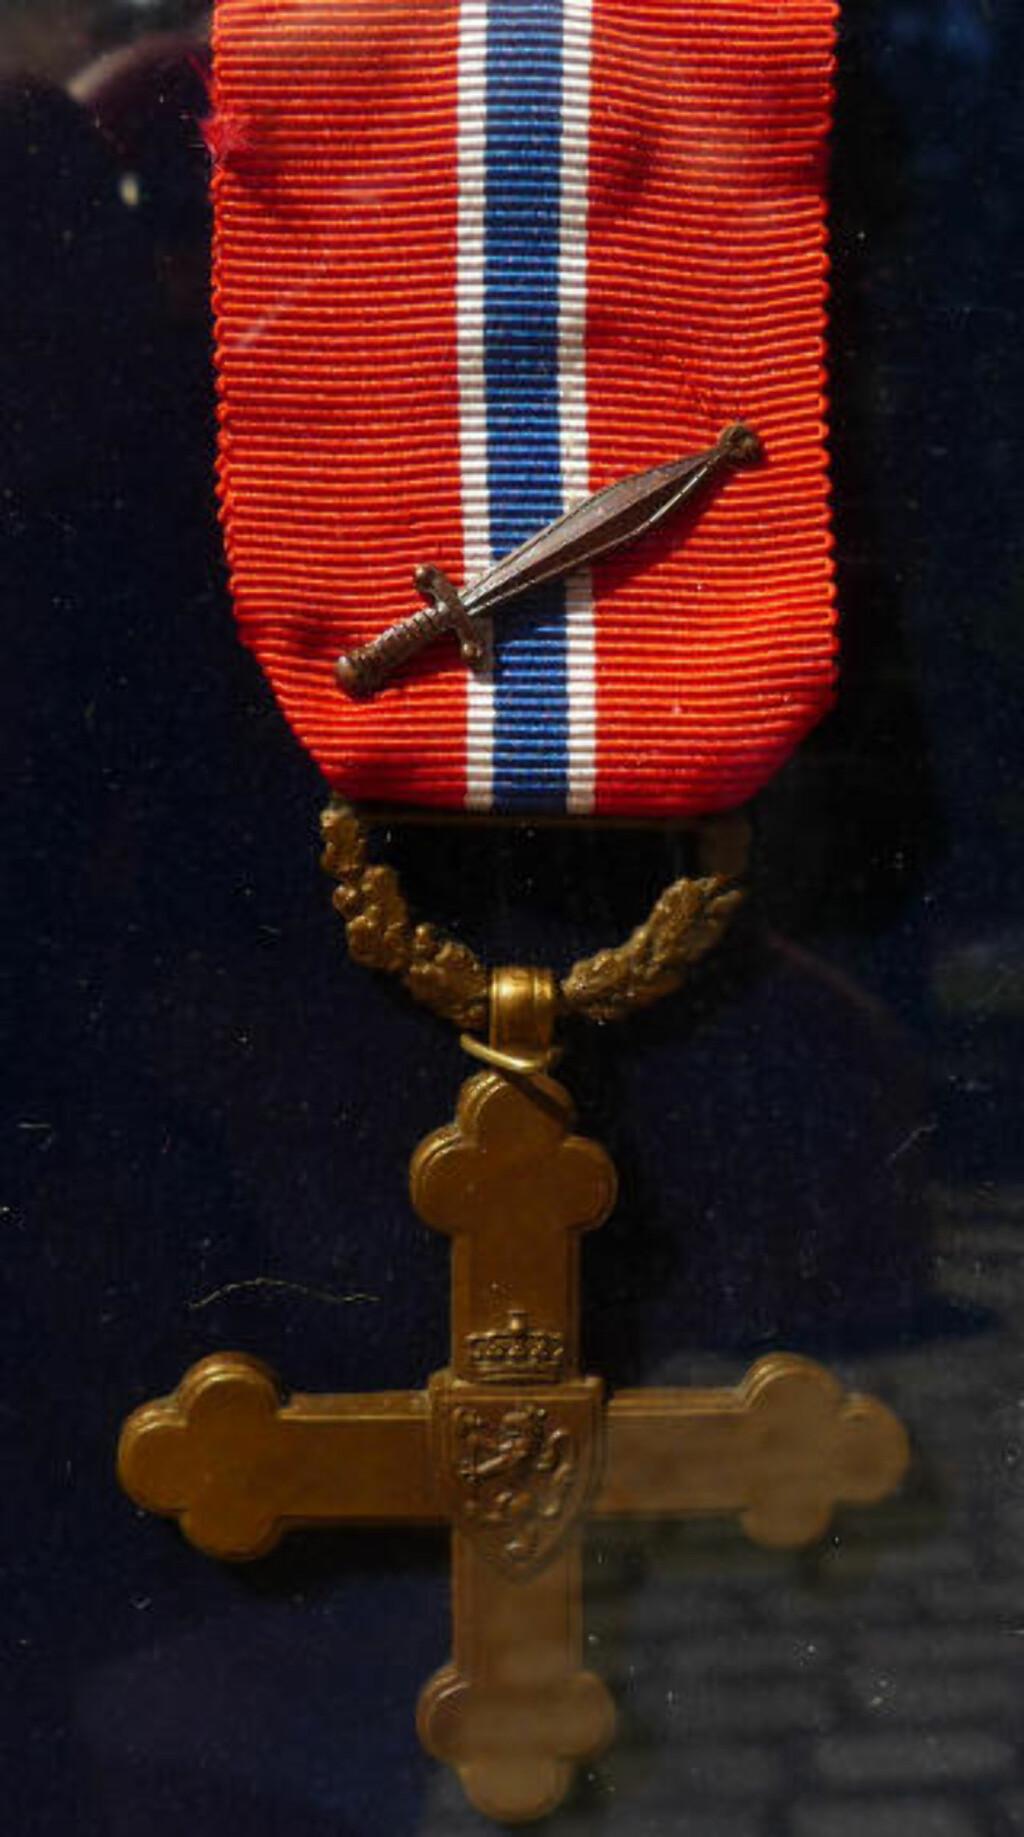 KRIGSKORSET MED SVERD: Totalt er 280 medaljer utdelt. Av disse gikk mange til utlendinger - trolig flere av diplomatiske årsaker. Bare 147 nordmenn er tildelt Krigskorset. De fleste for spesiell tjeneste. Bare sju personer i Hæren utenom spesialtjeneste er tildelt Krigskorset. Av disse bare fem for innsats under felttoget i Norge i 1940. I statuttene for tildeling av Krigskorset heter det at det skal være personlig tapperhet eller ledelse av avdeling eller fartøy i kamp som legges til grunn. Foto: Kristoffer Egeberg